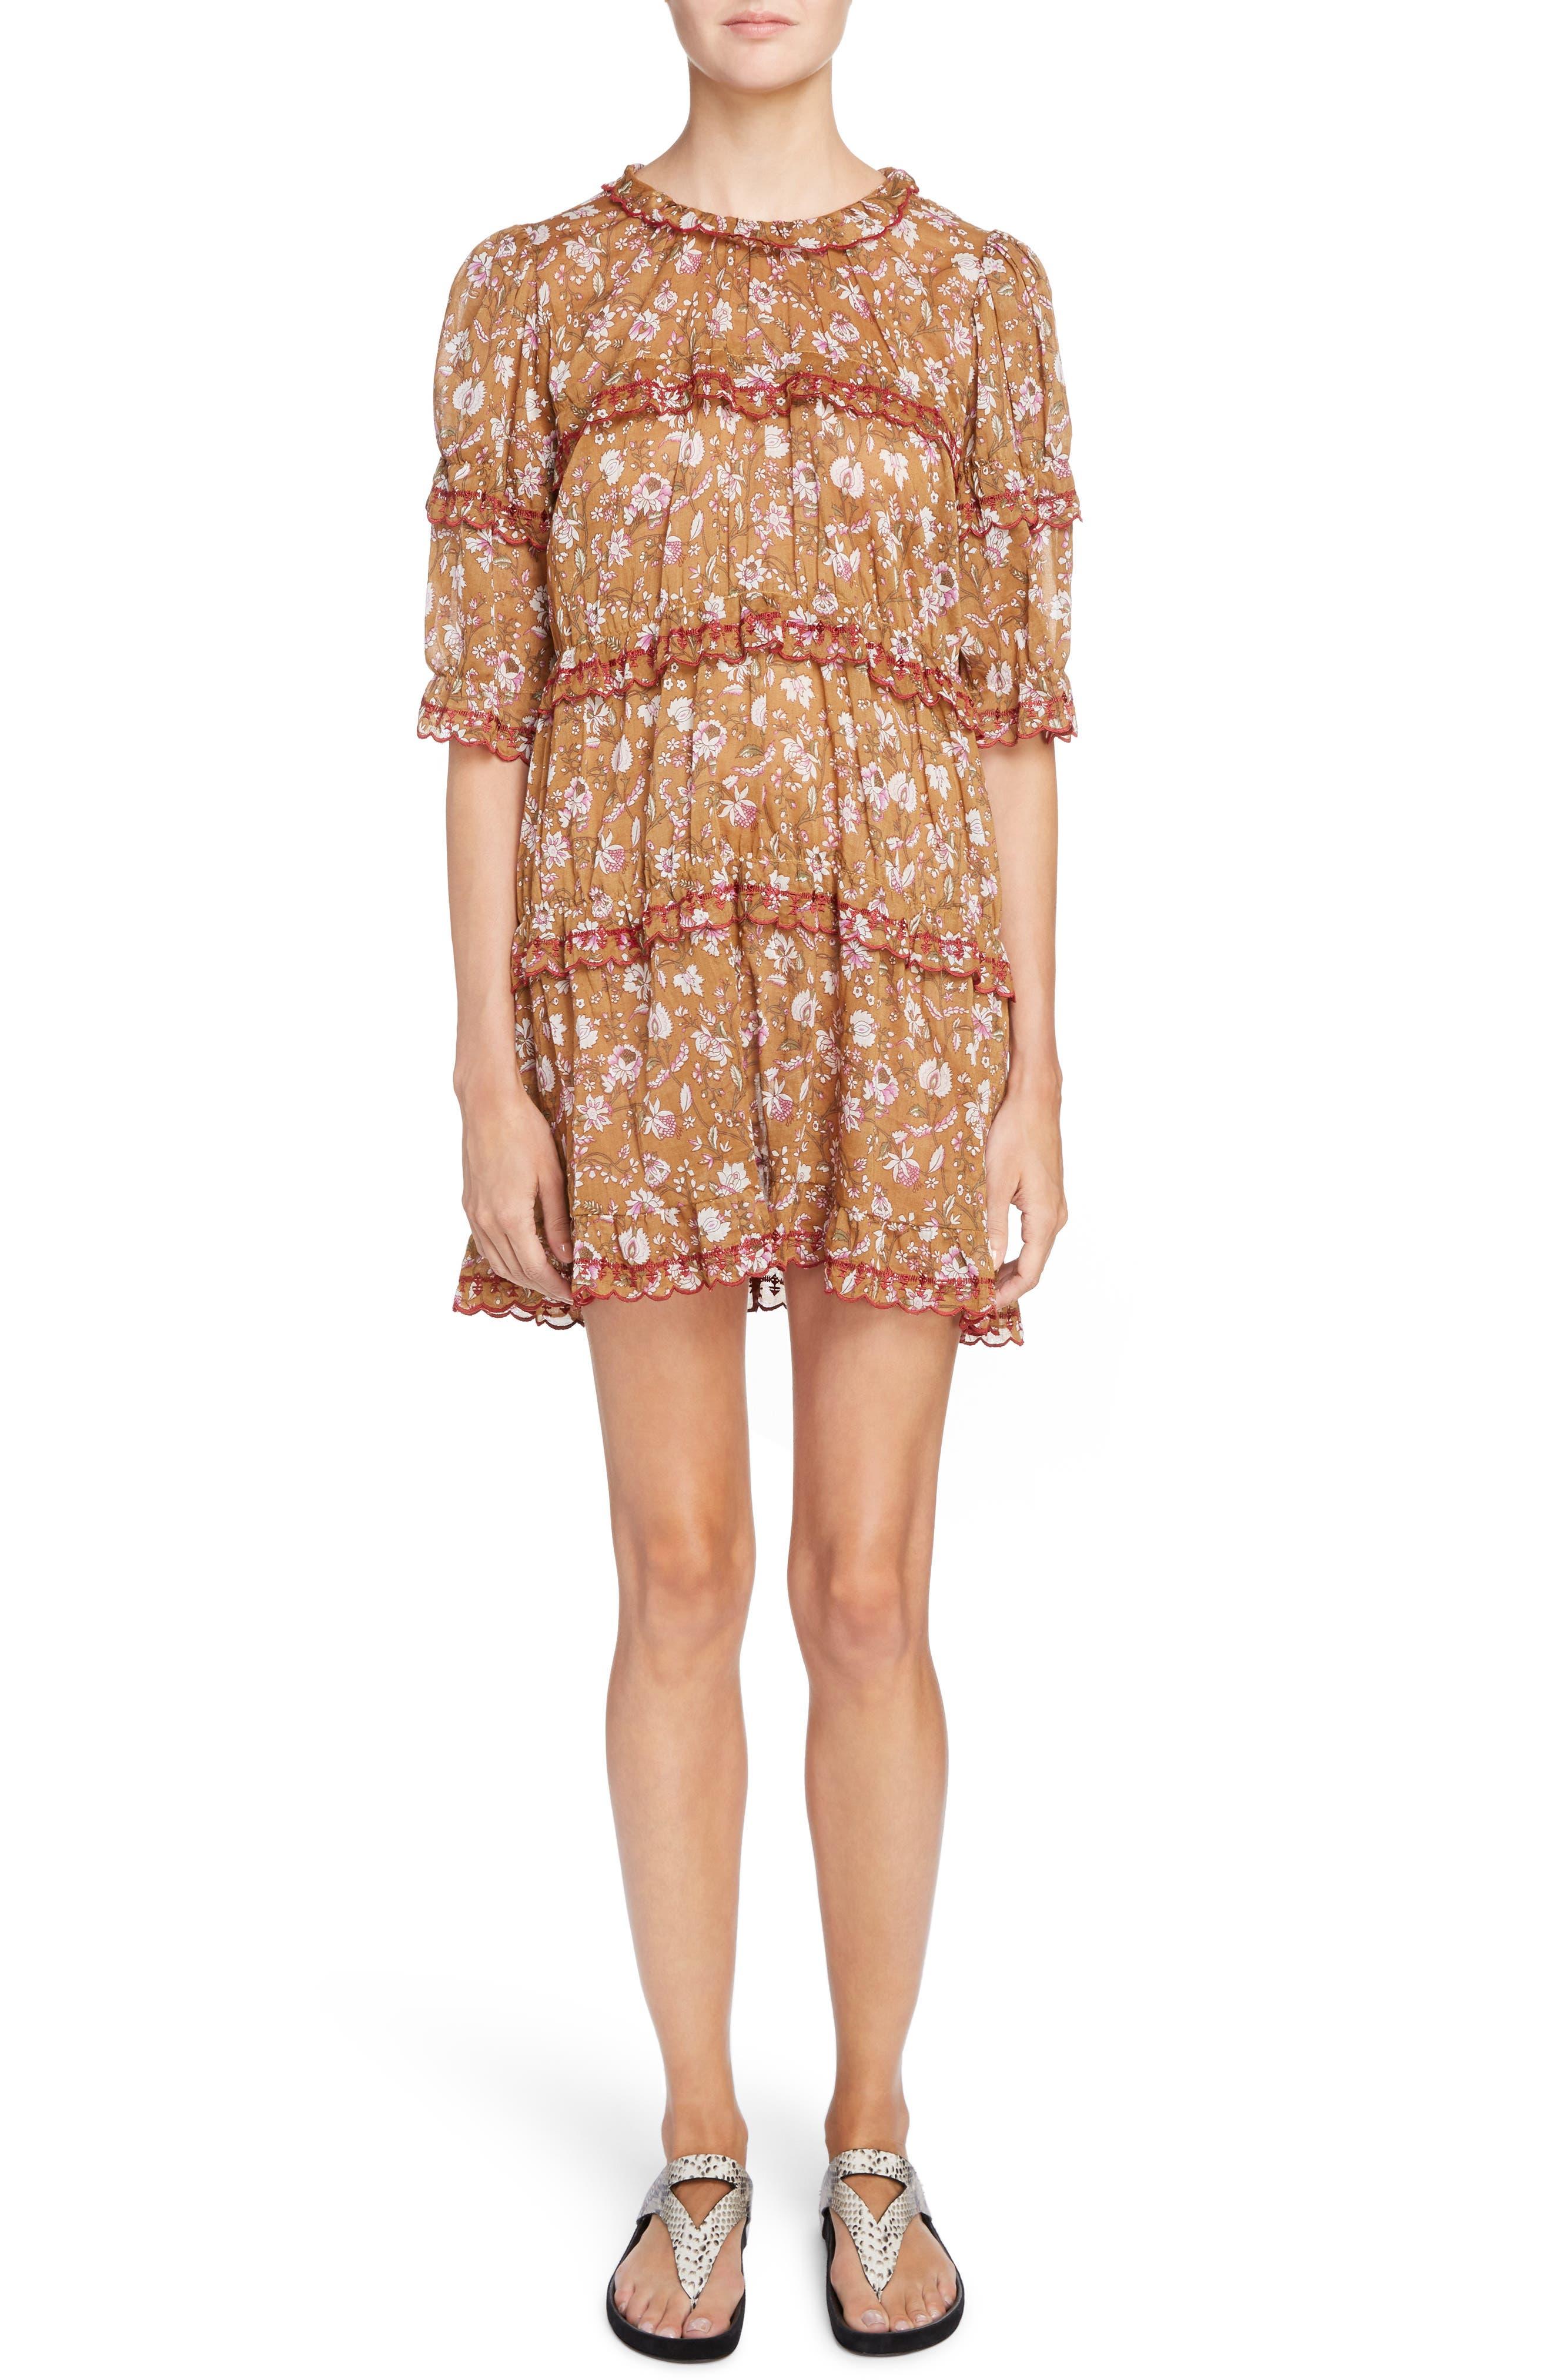 Isabel Marant Étoile Maiwenn Floral Print Cotton Dress,                         Main,                         color, 800